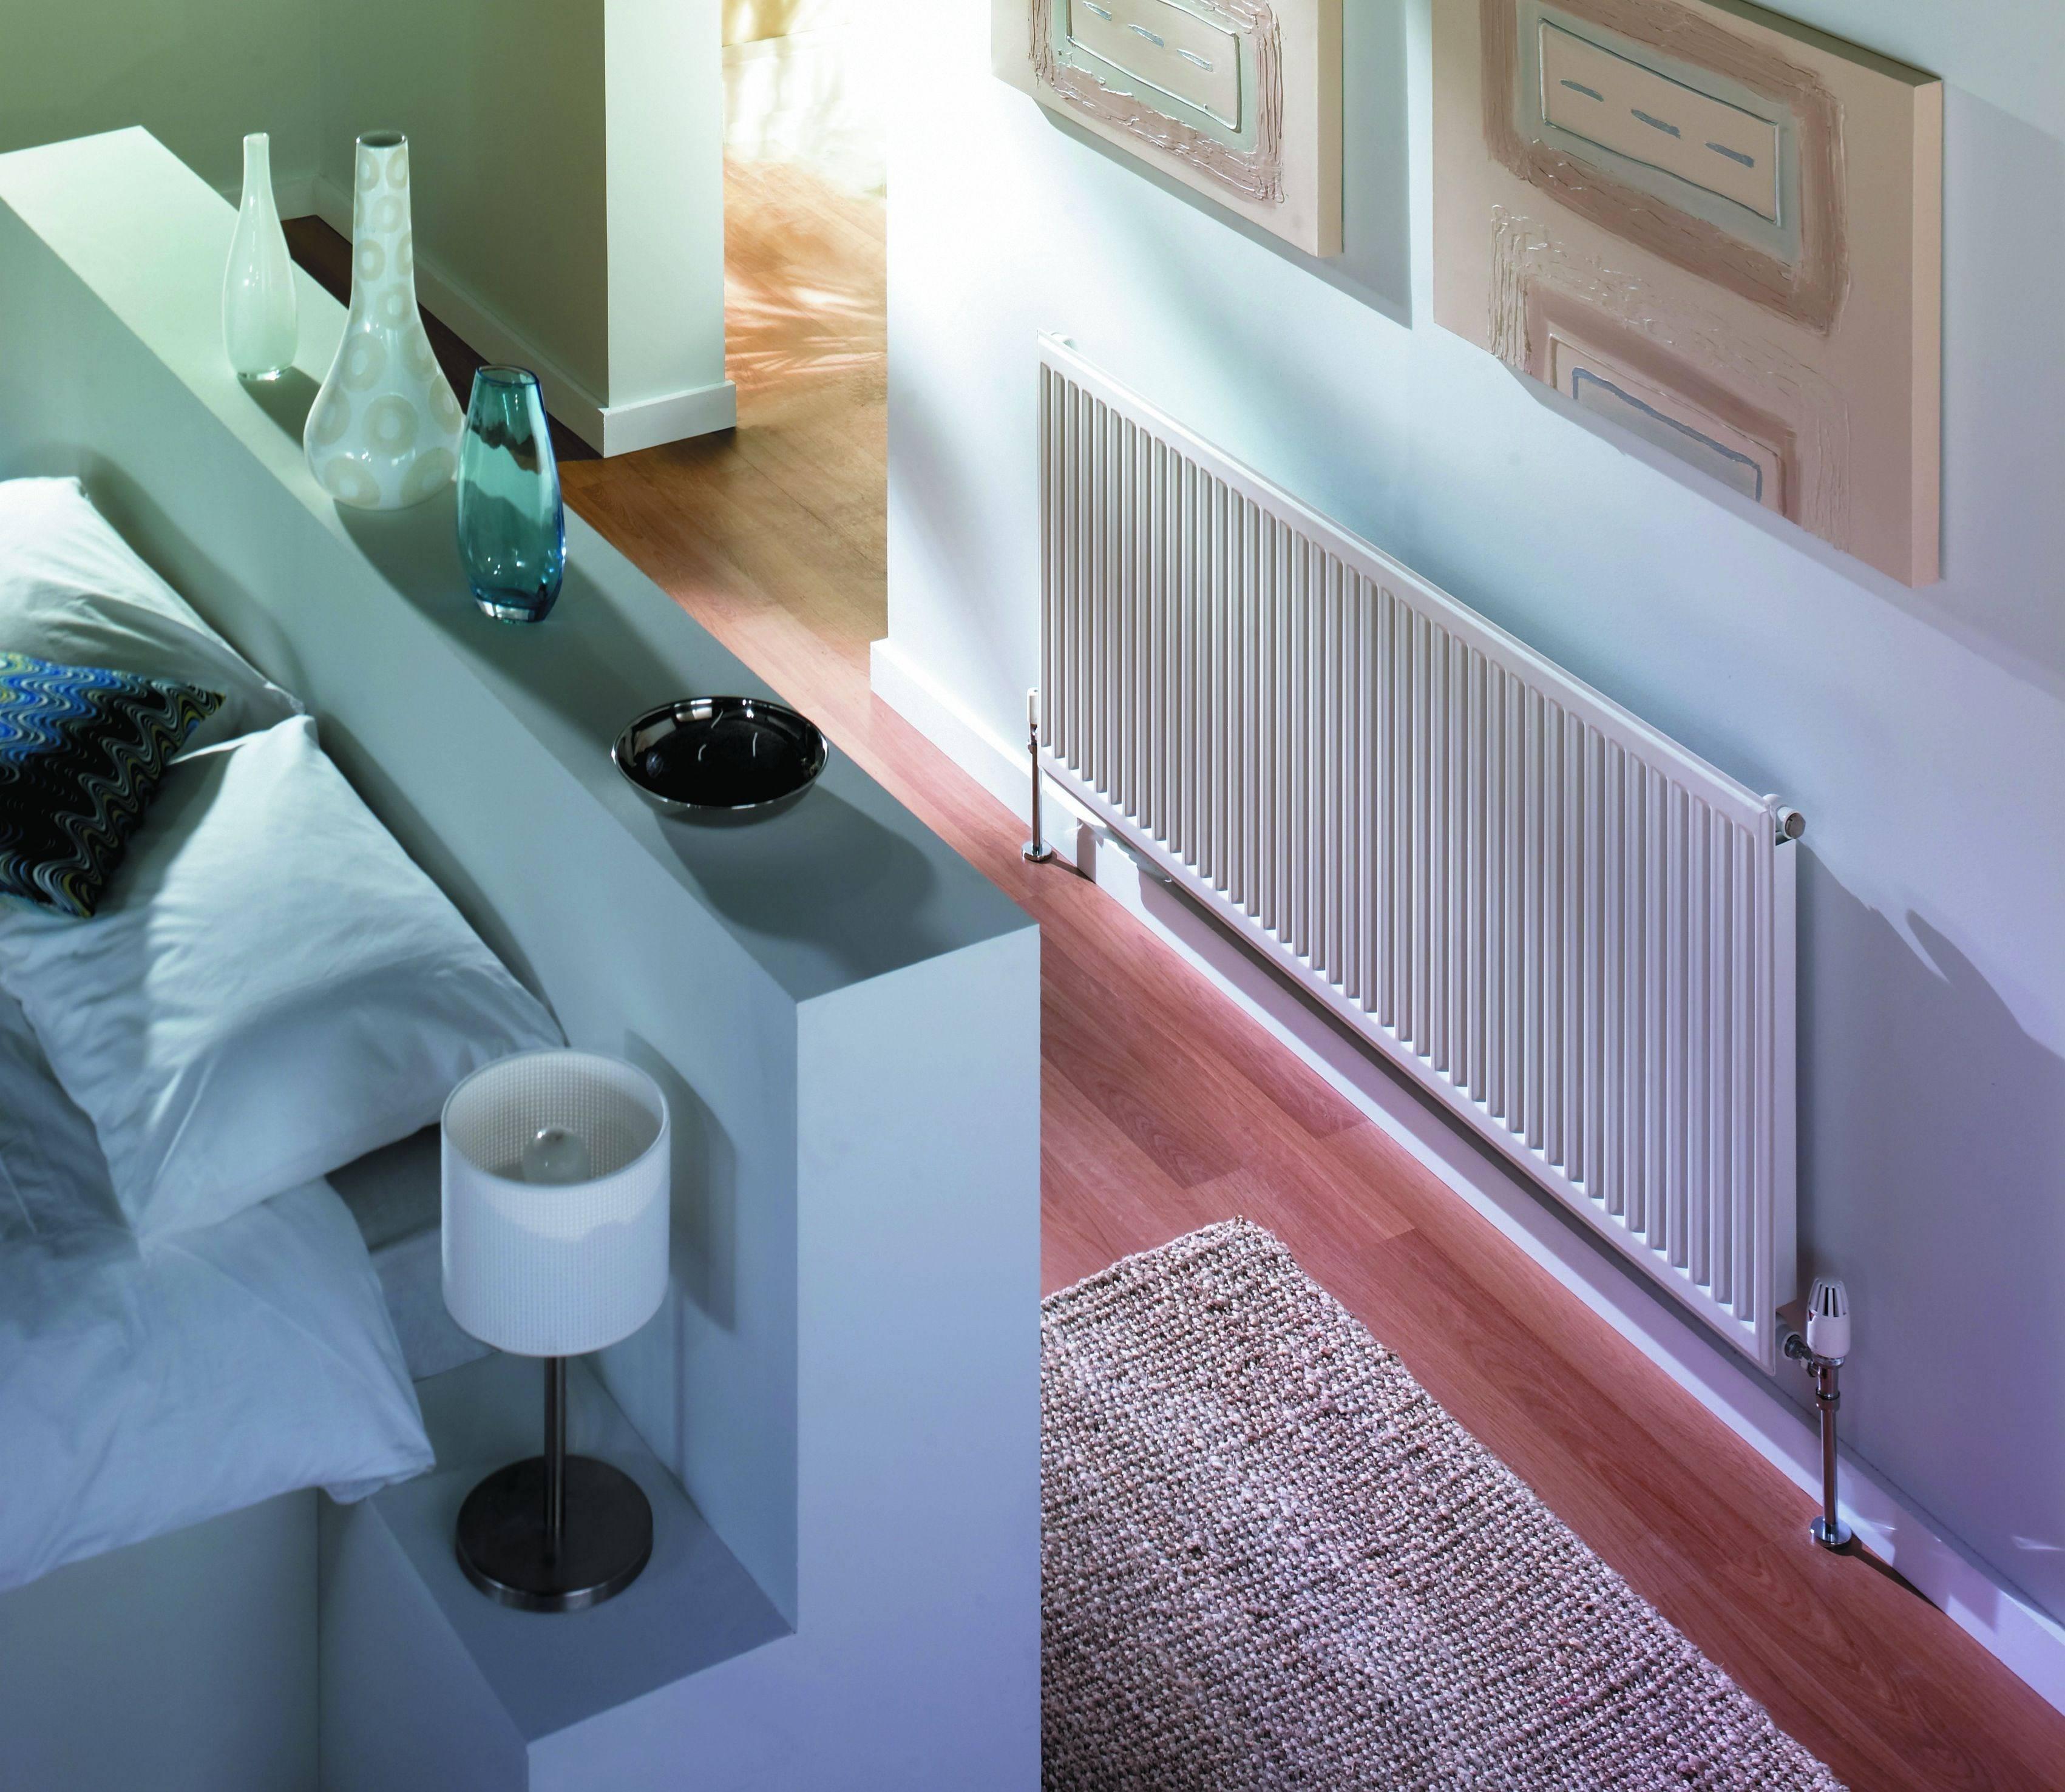 Какие конвекторные батареи отопления лучше – виды, преимущества и недостатки